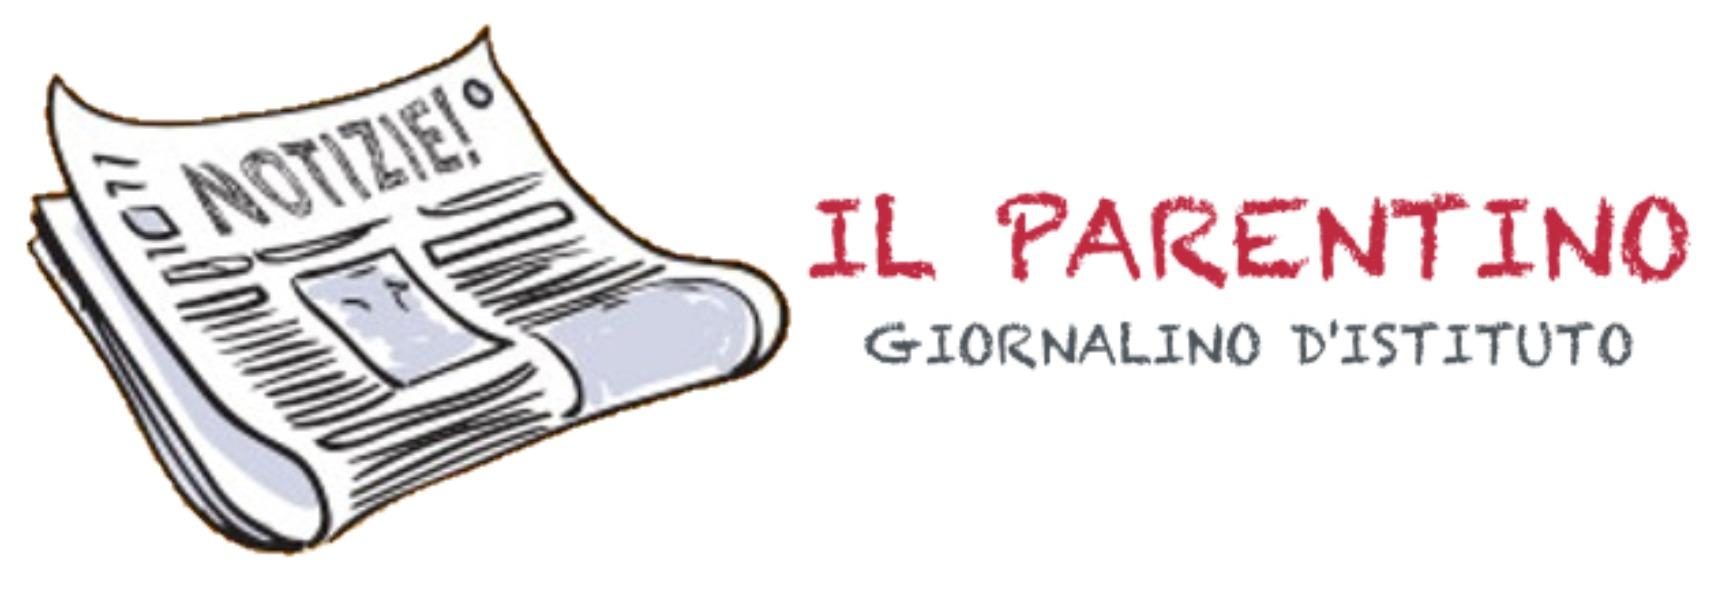 'Il Parentino' - Giornalino d'Istituto